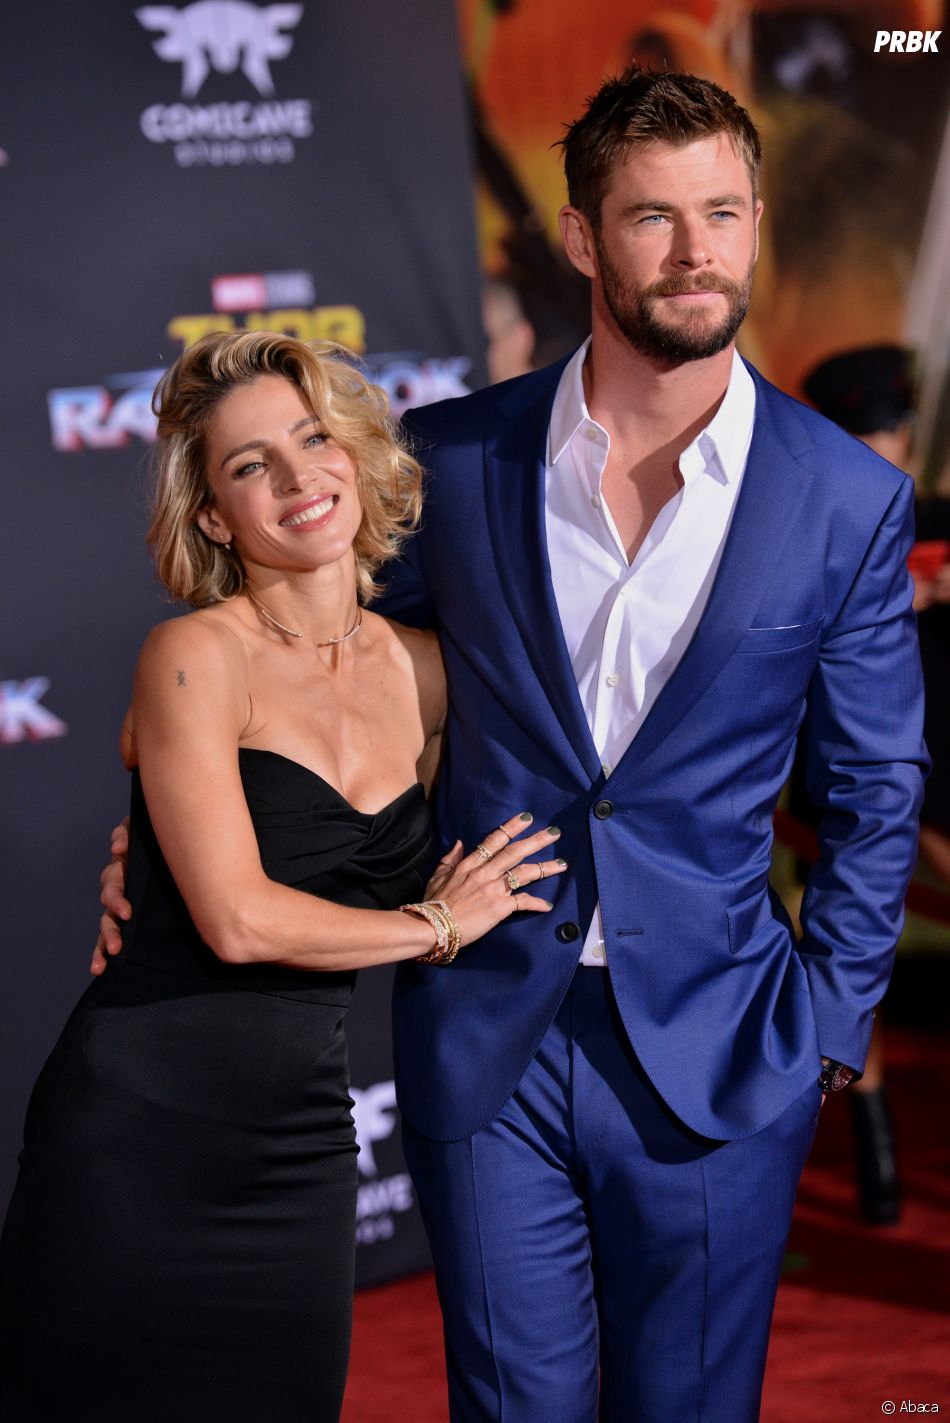 Chris Hemsworth et sa femme Elsa Pataky à l'avant-première de Thor Ragnarok à Los Angeles le 10 octobre 2017